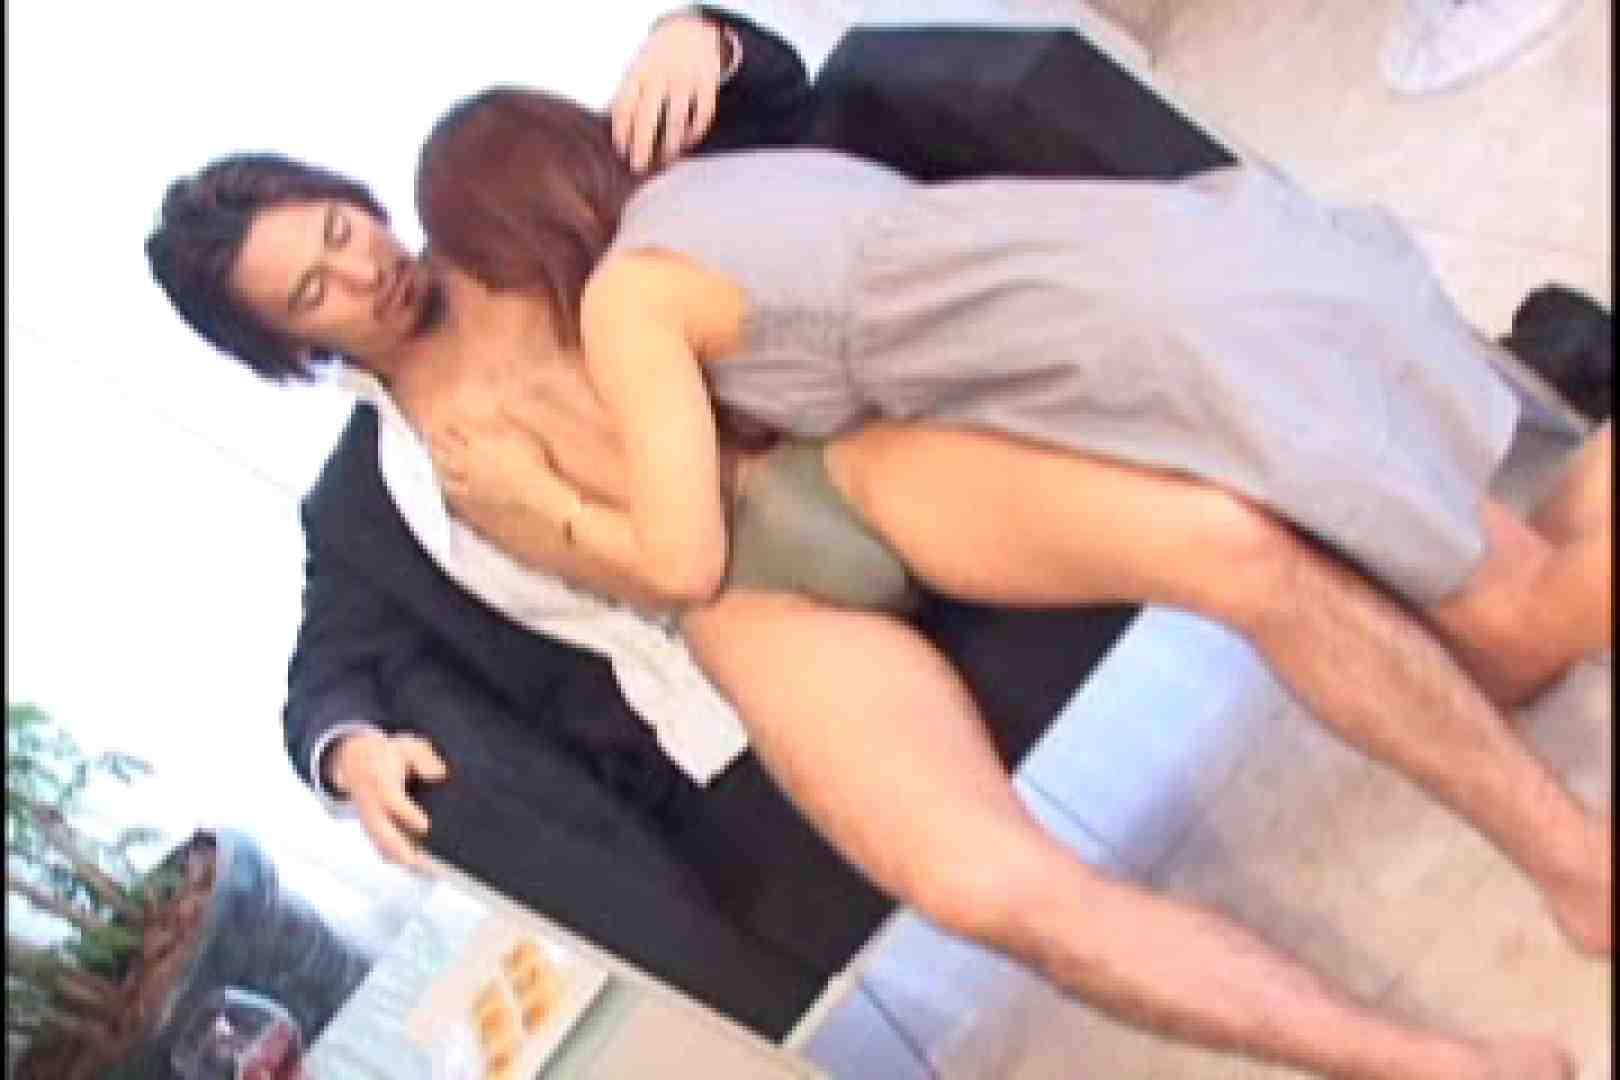 BEST OF イケメン!!男目線のガチSEX vol.06(対女性作品) 対女性 ゲイヌード画像 64枚 28